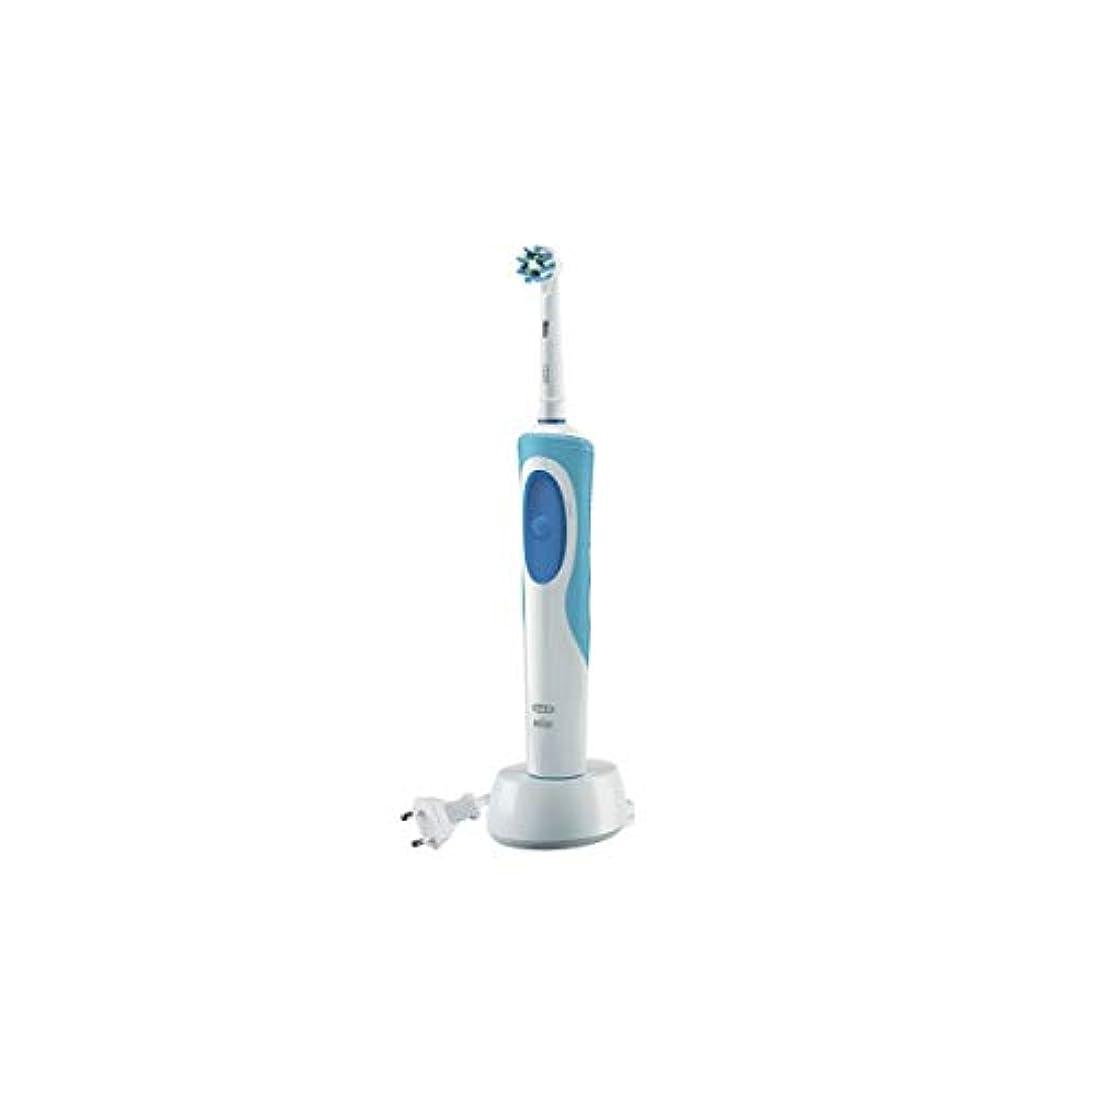 ばかげた冒険感染するOral B Vitality Cross Action Electric Toothbrush [並行輸入品]